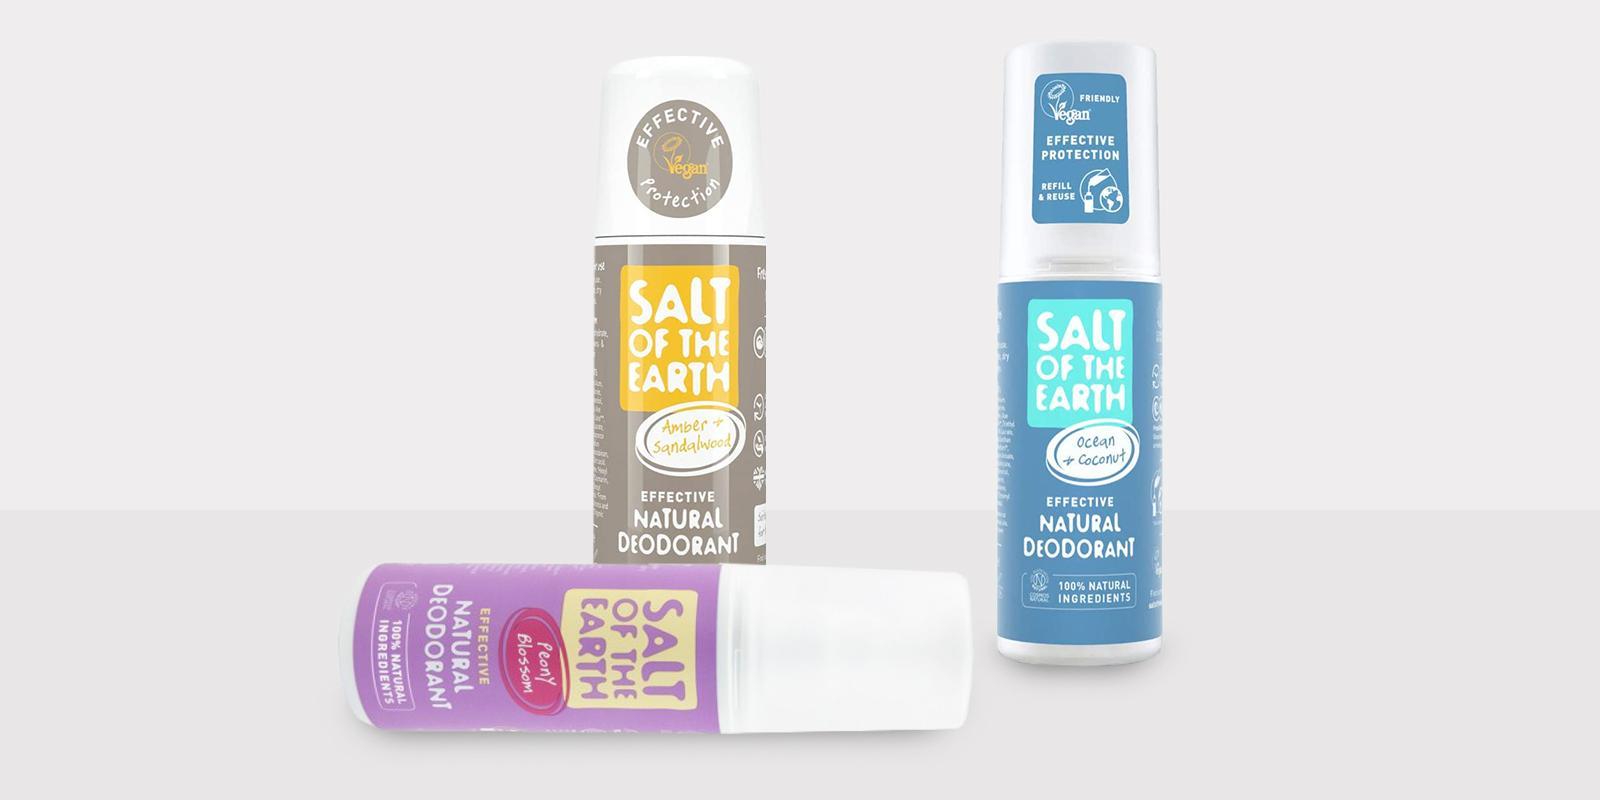 Crystal spring Salt of the Earth přírodní deodoranty